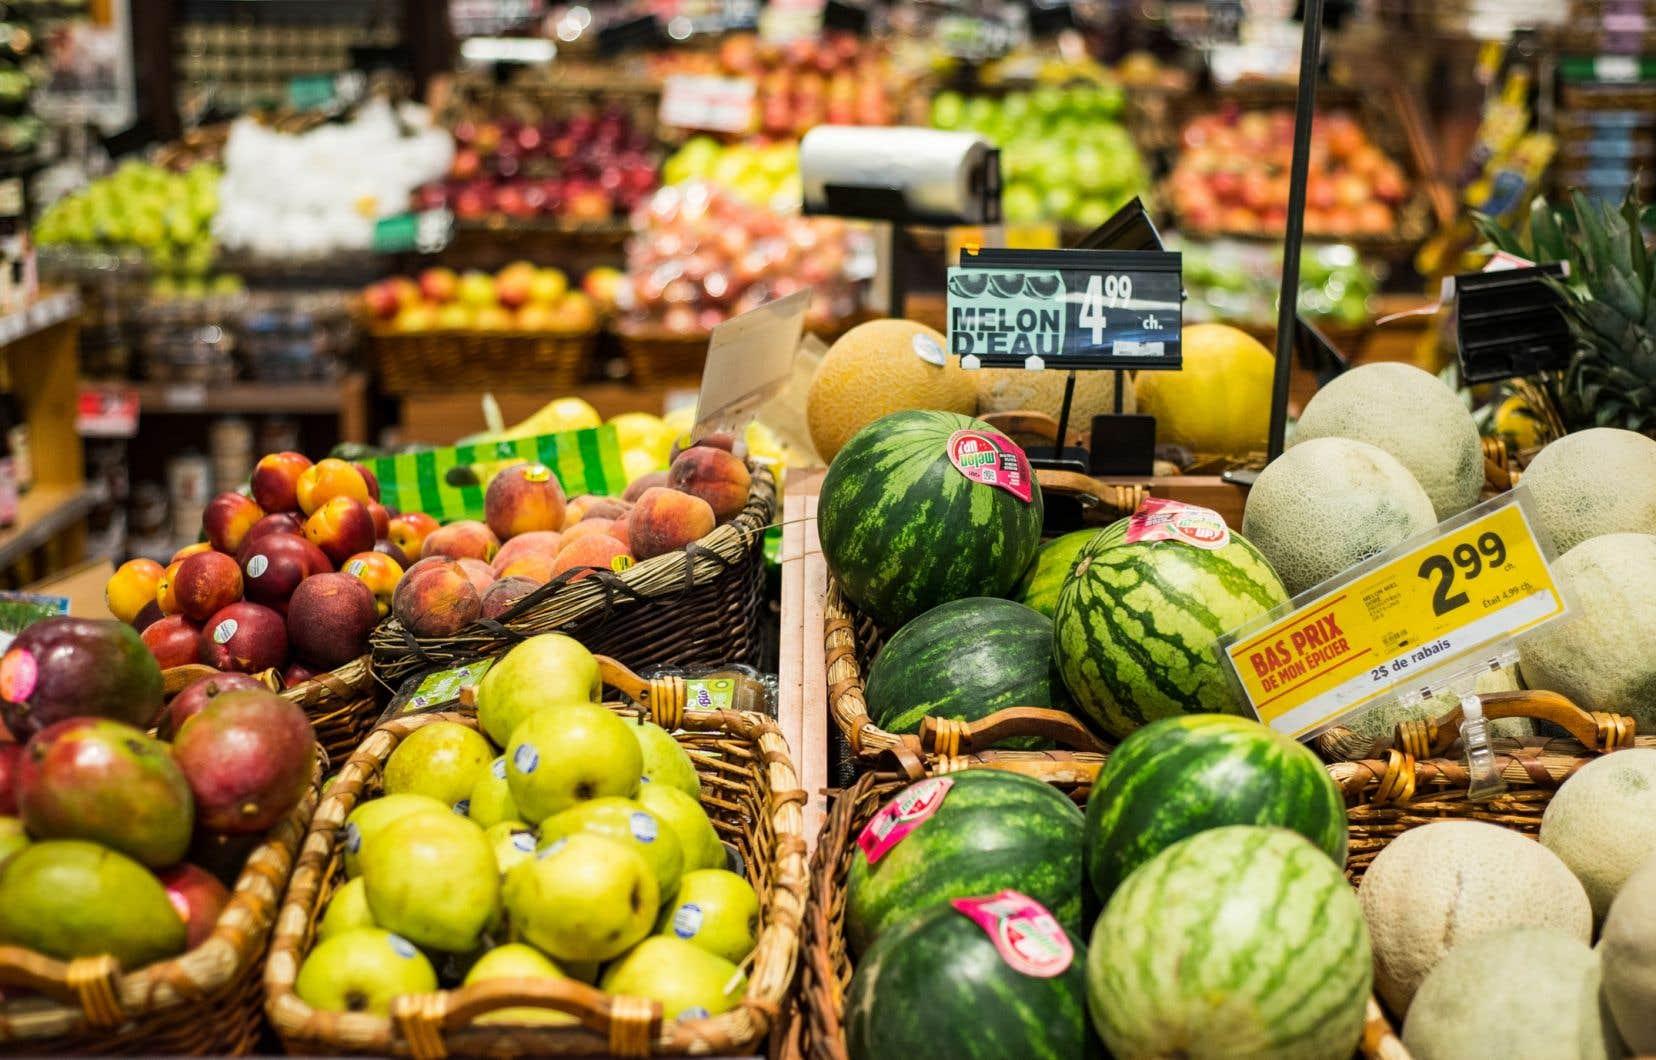 Ce sont exactement 13,8% de la valeur ajoutée de la production alimentaire mondiale qui sont perdus entre la récolte et la vente au détail.